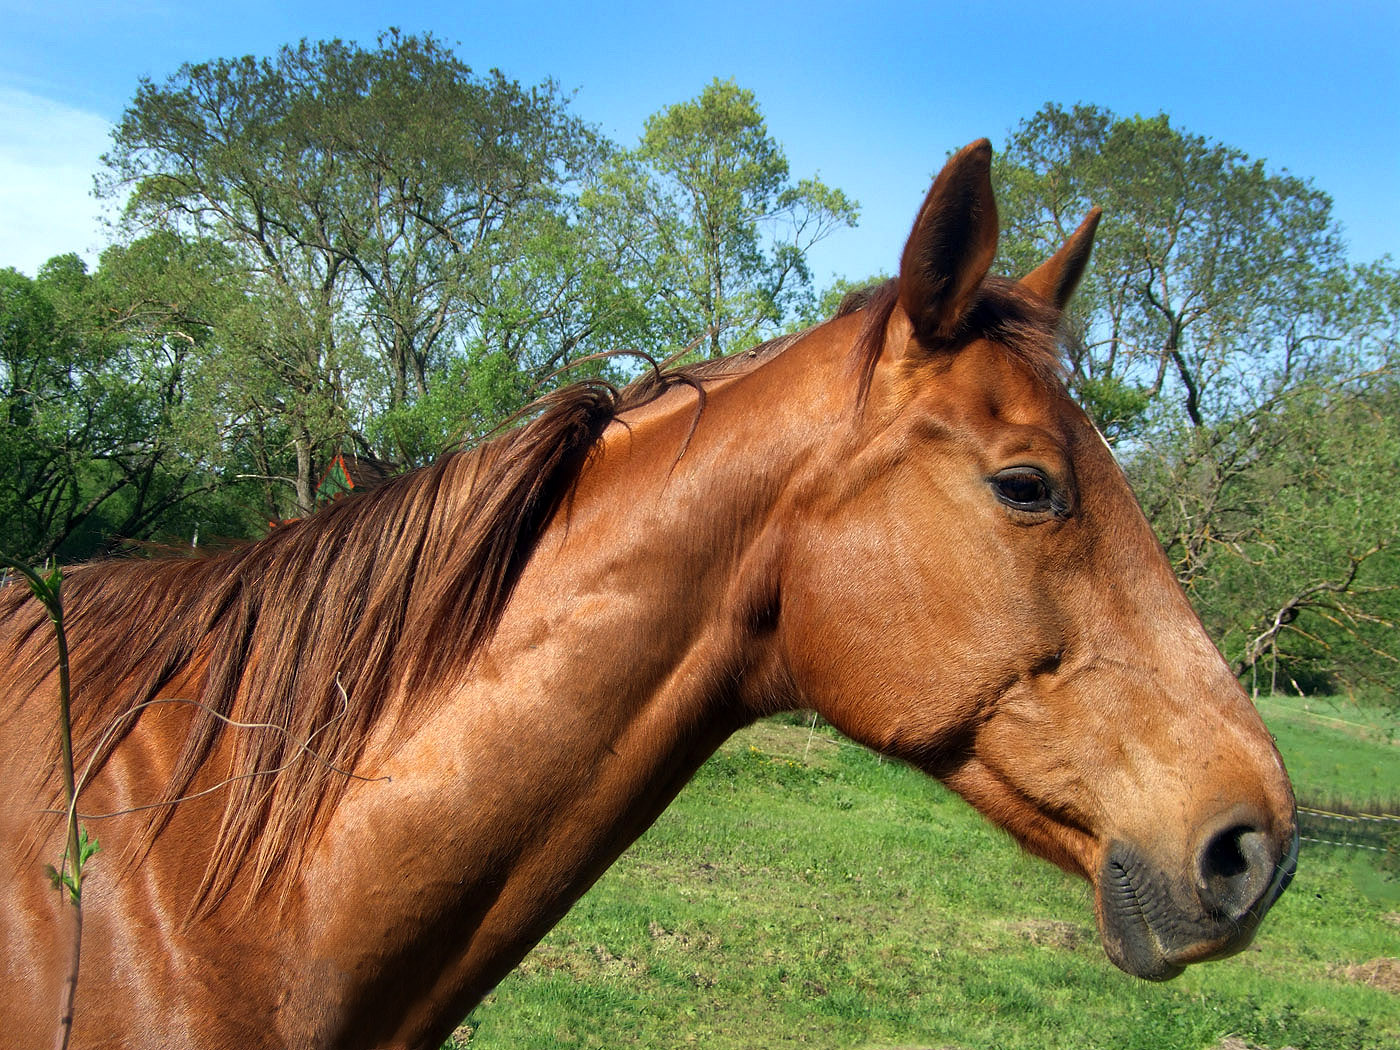 Pferd Hintergrundbilder - schöne Bilder kostenlos